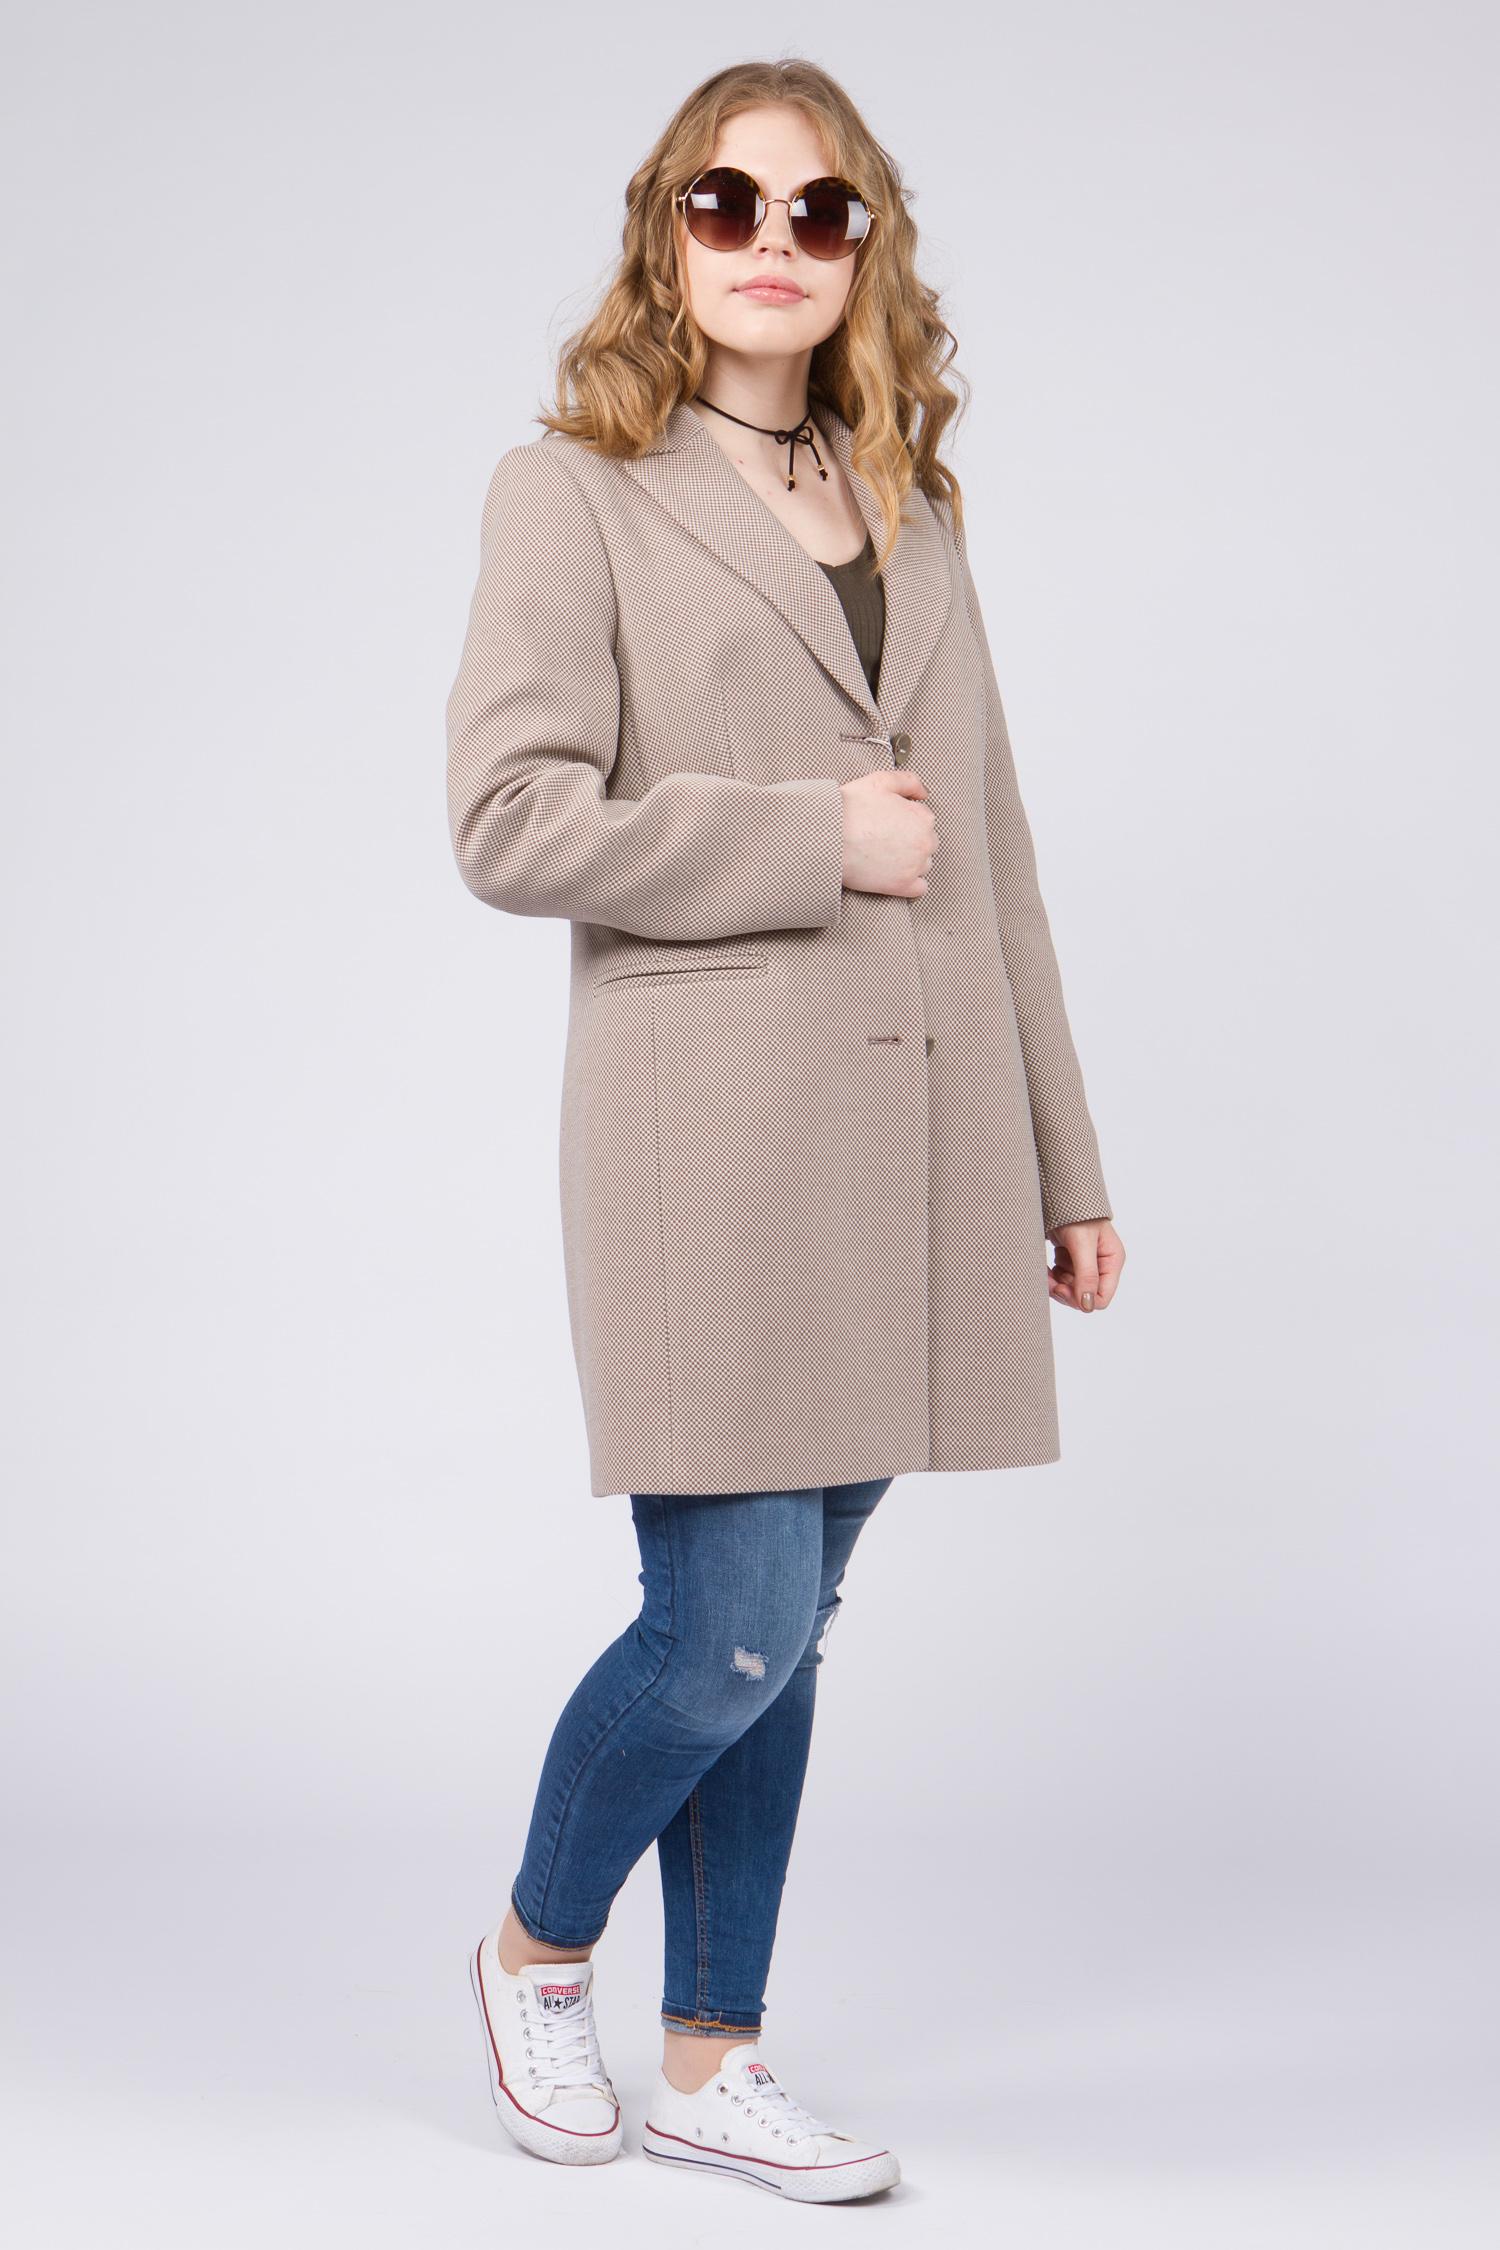 Женское пальто с воротником, без отделки<br><br>Воротник: английский<br>Длина см: Средняя (75-89 )<br>Материал: Комбинированный состав<br>Цвет: бежевый<br>Вид застежки: центральная<br>Застежка: на пуговицы<br>Пол: Женский<br>Размер RU: 48